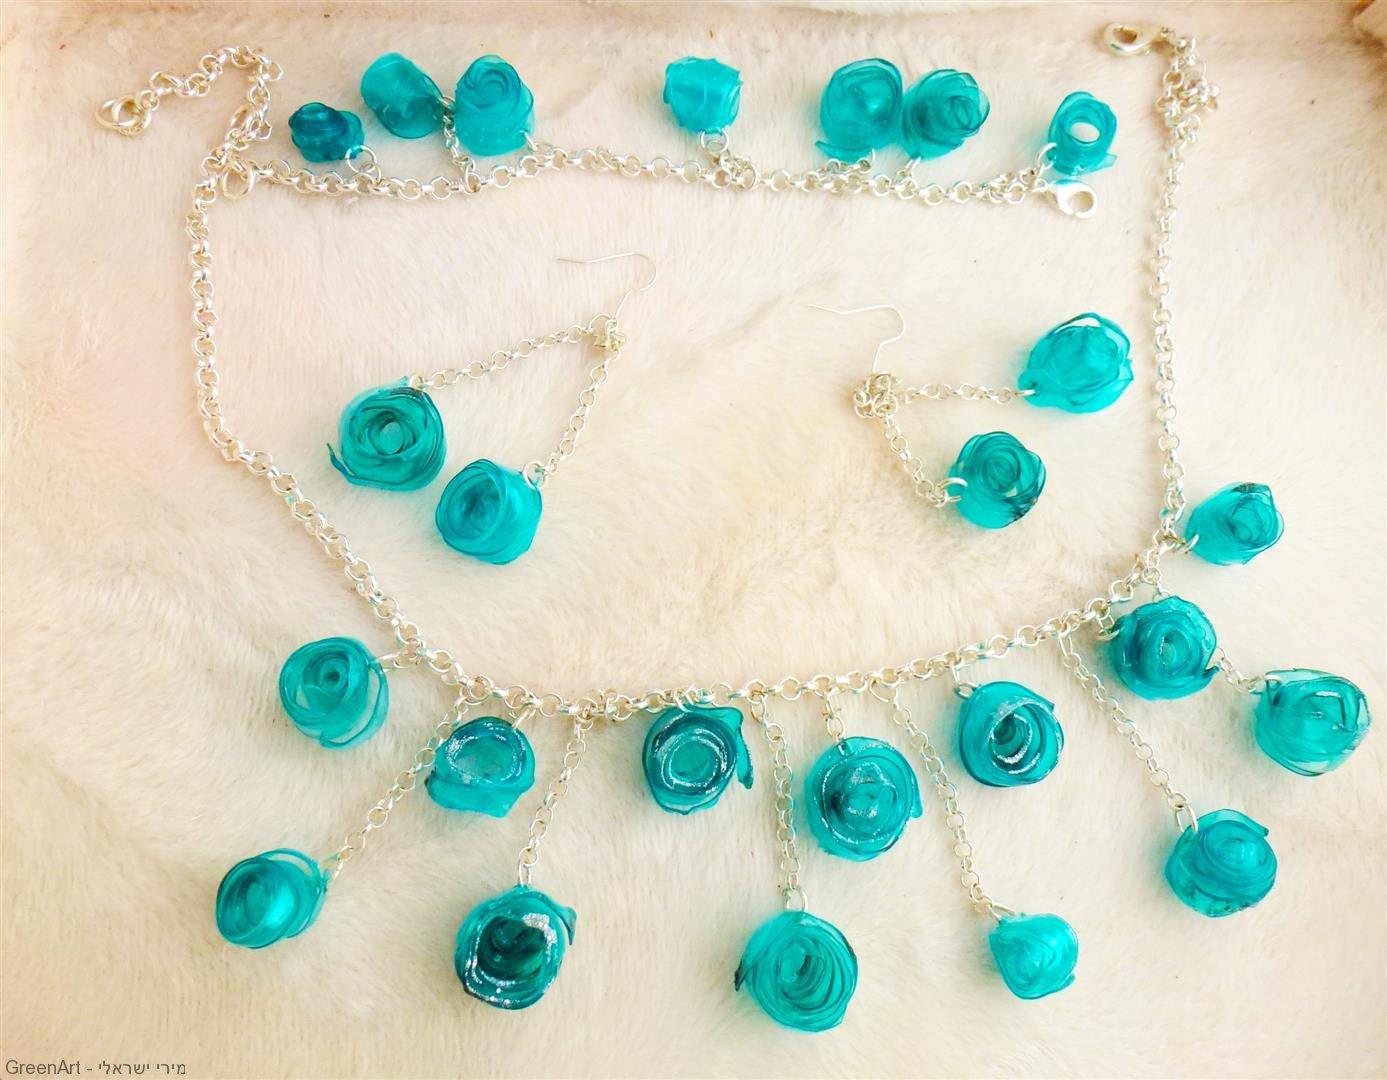 תכשיטים אקולוגיים מבקבוק פלסטיק צבעוני בשימוש חוזר Jewelry ecological